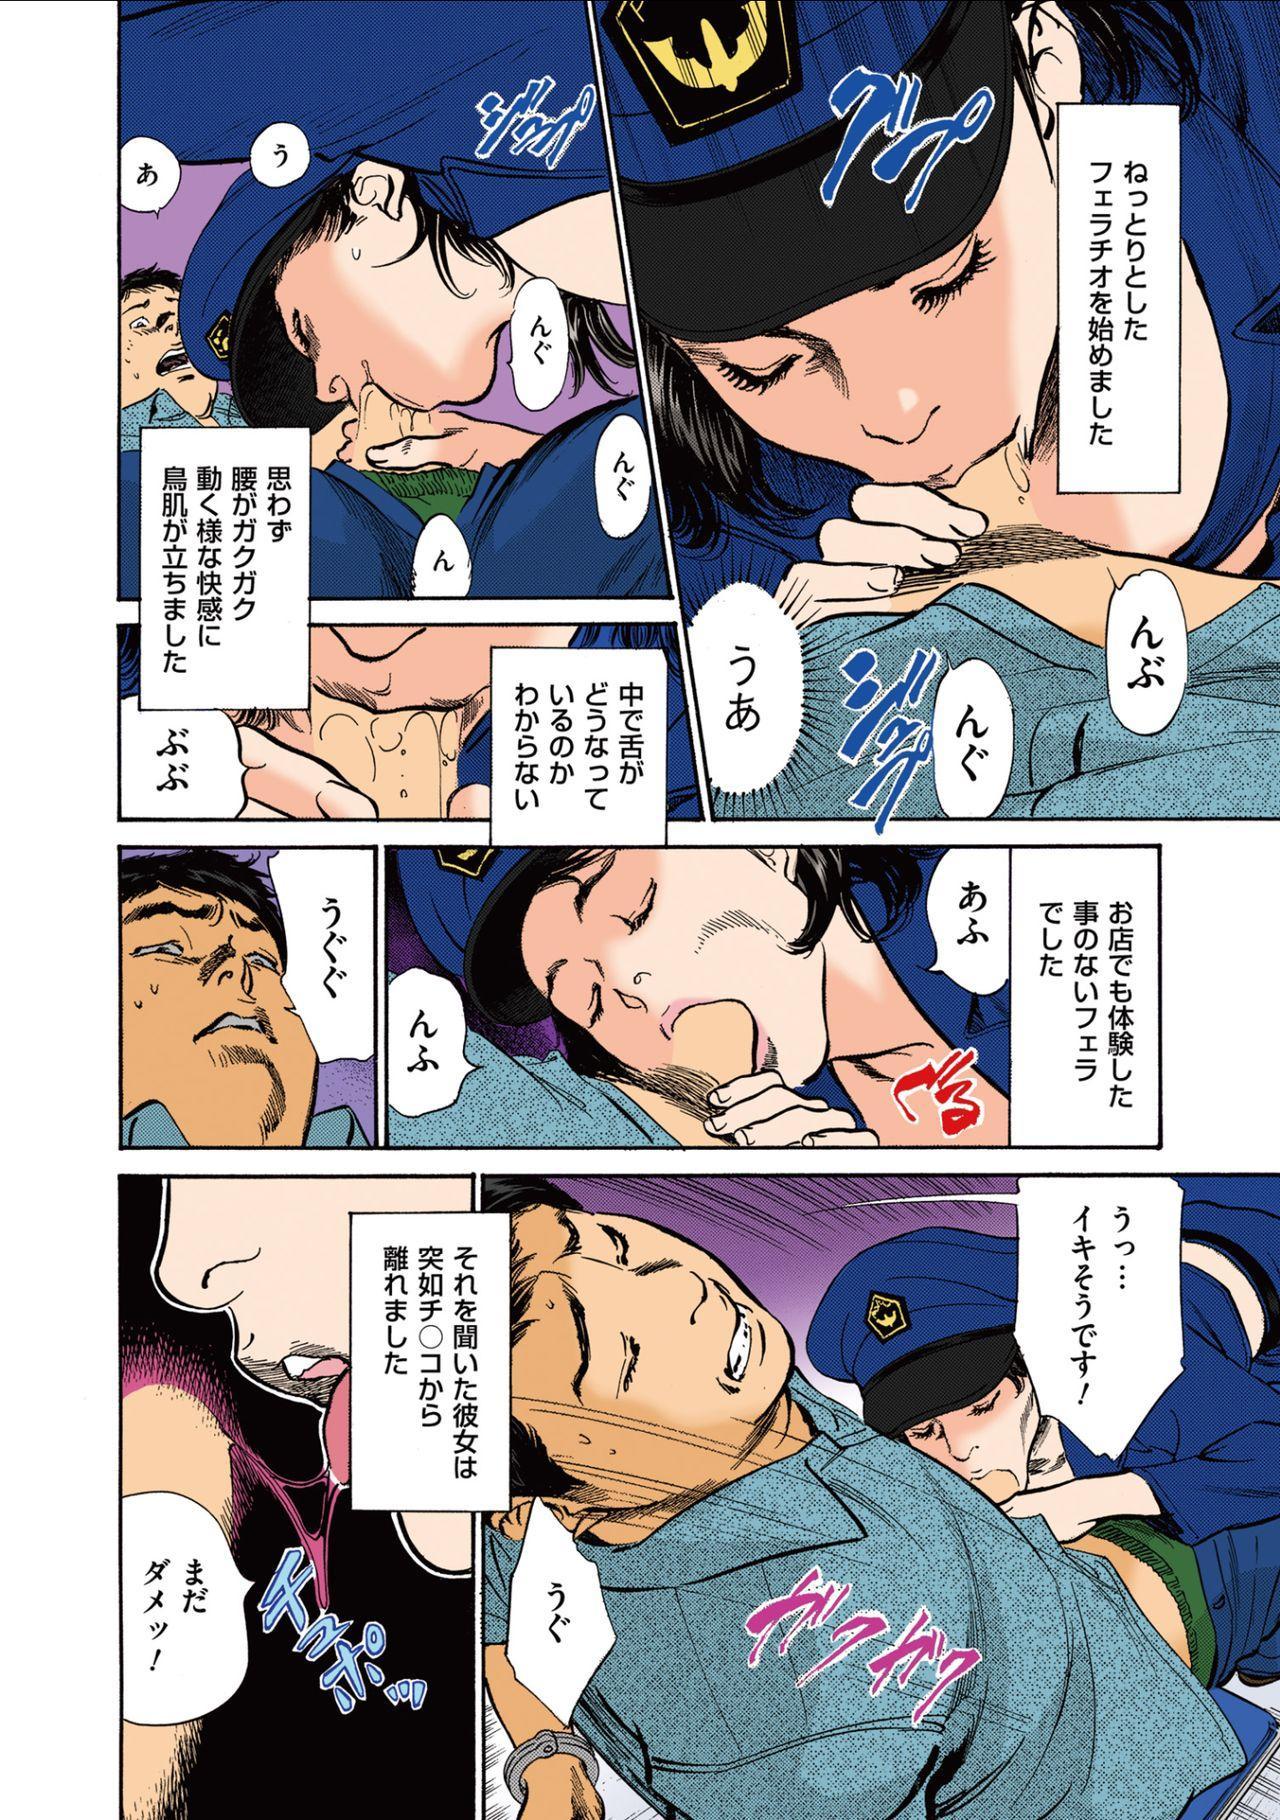 [Hazuki Kaoru] Hazuki Kaoru no Tamaranai Hanashi (Full Color Version) 1-2 59